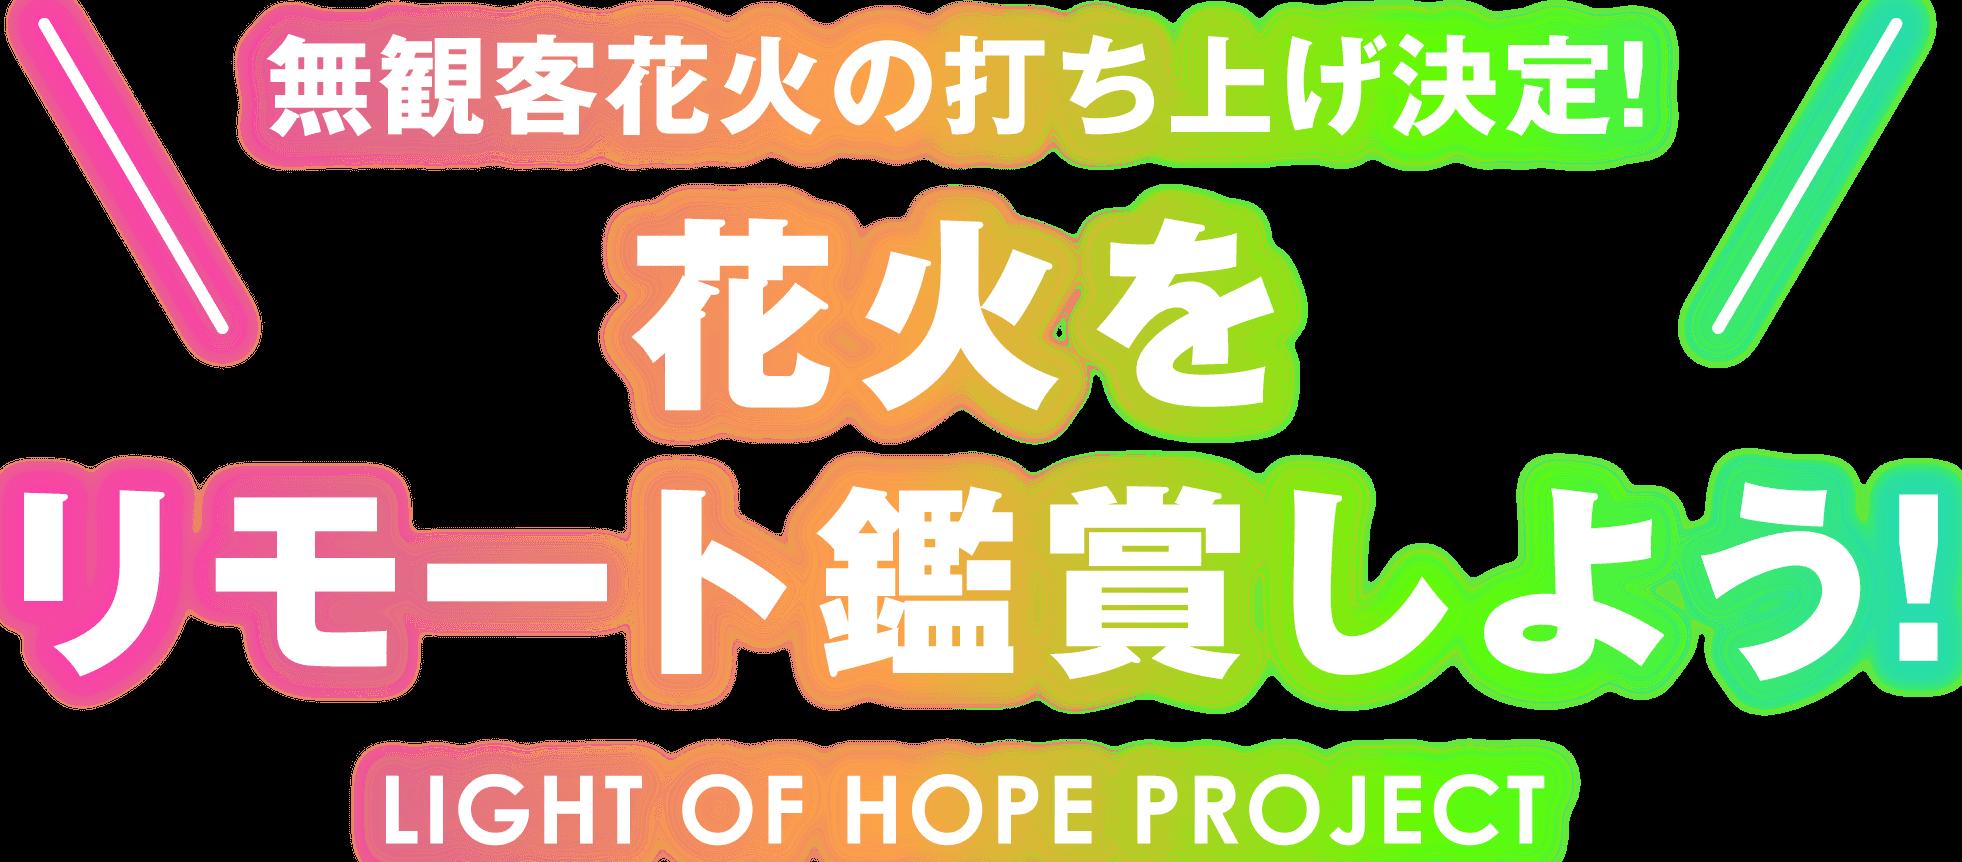 希望の光タイトル